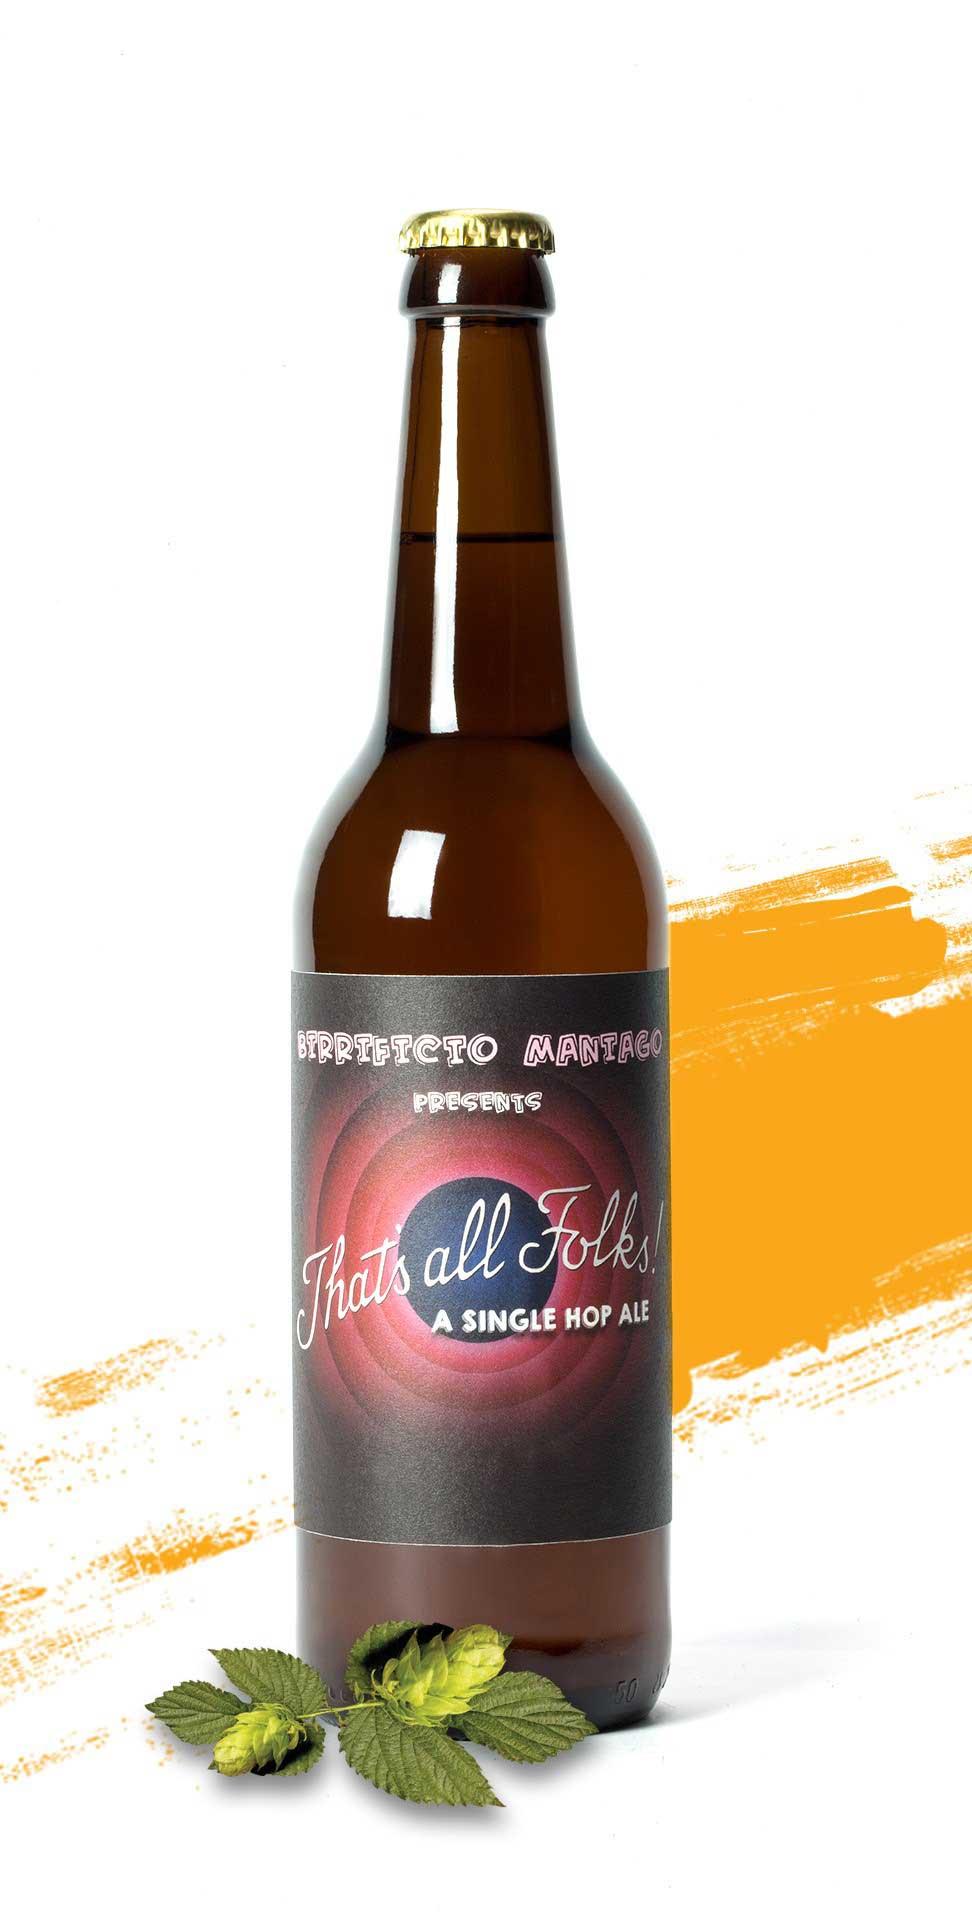 That's all folks - Birrificio di Maniago - Bottiglia da o.5 L